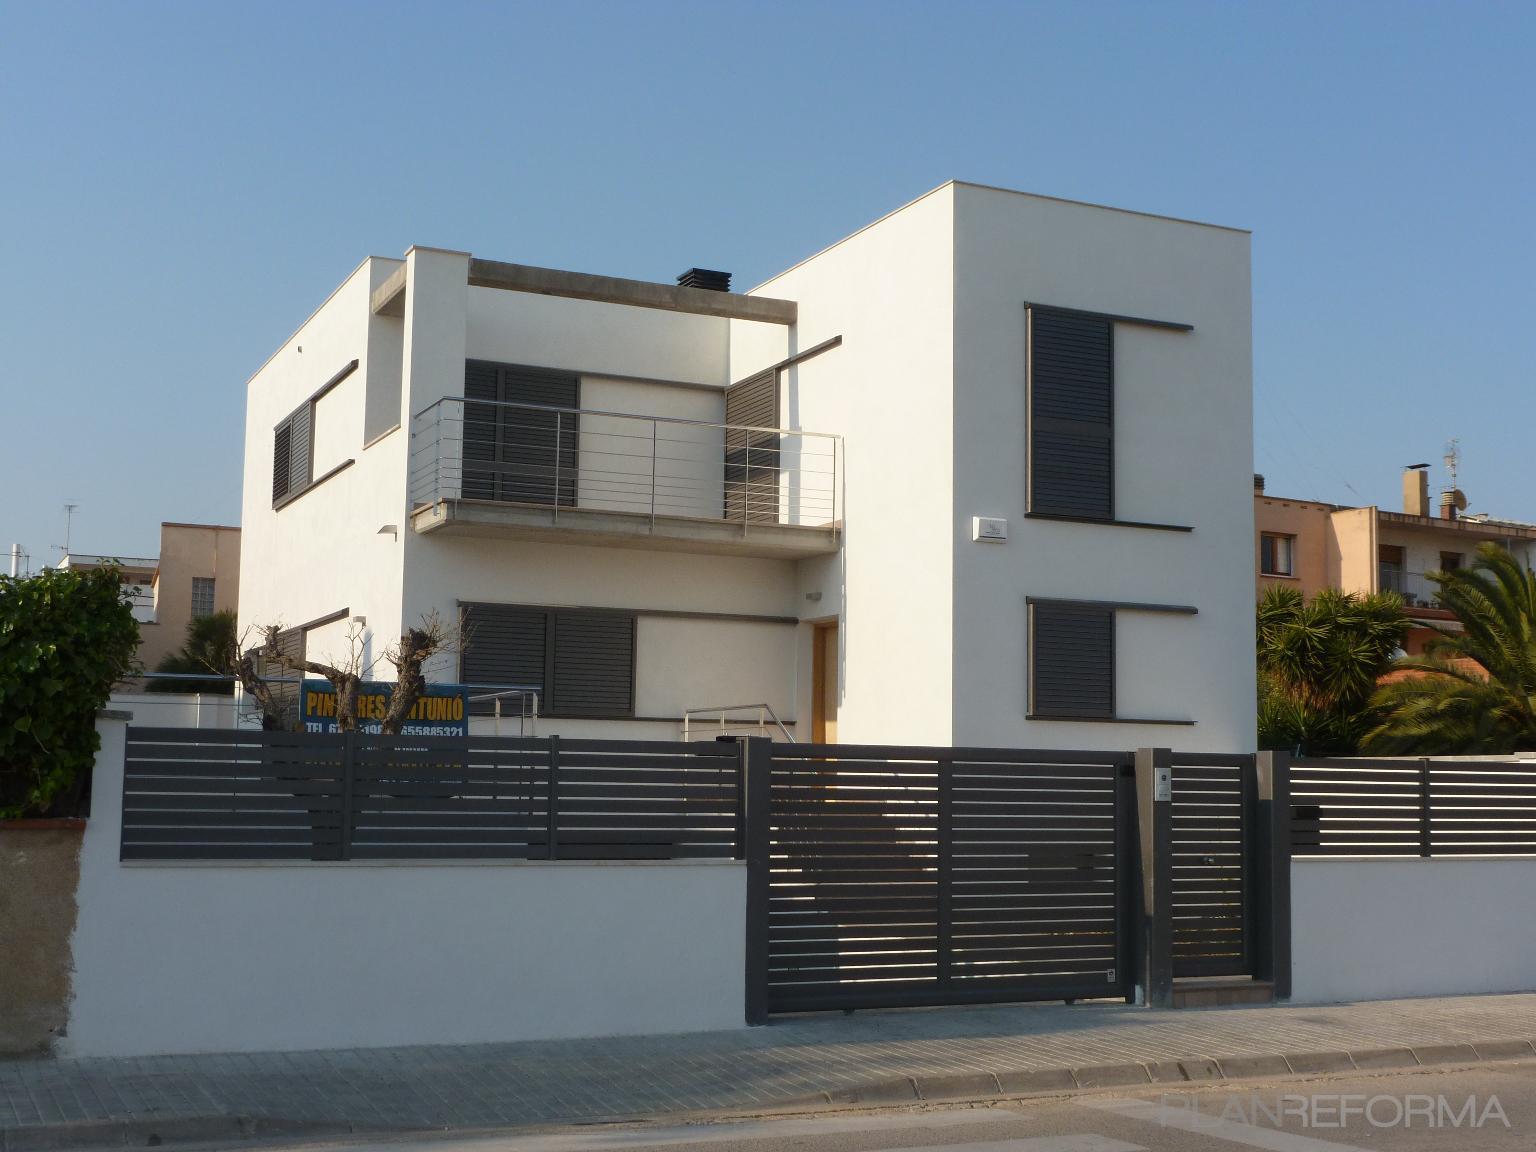 Recibidor balcon exterior style moderno color marron blanco - Recibidor moderno blanco ...